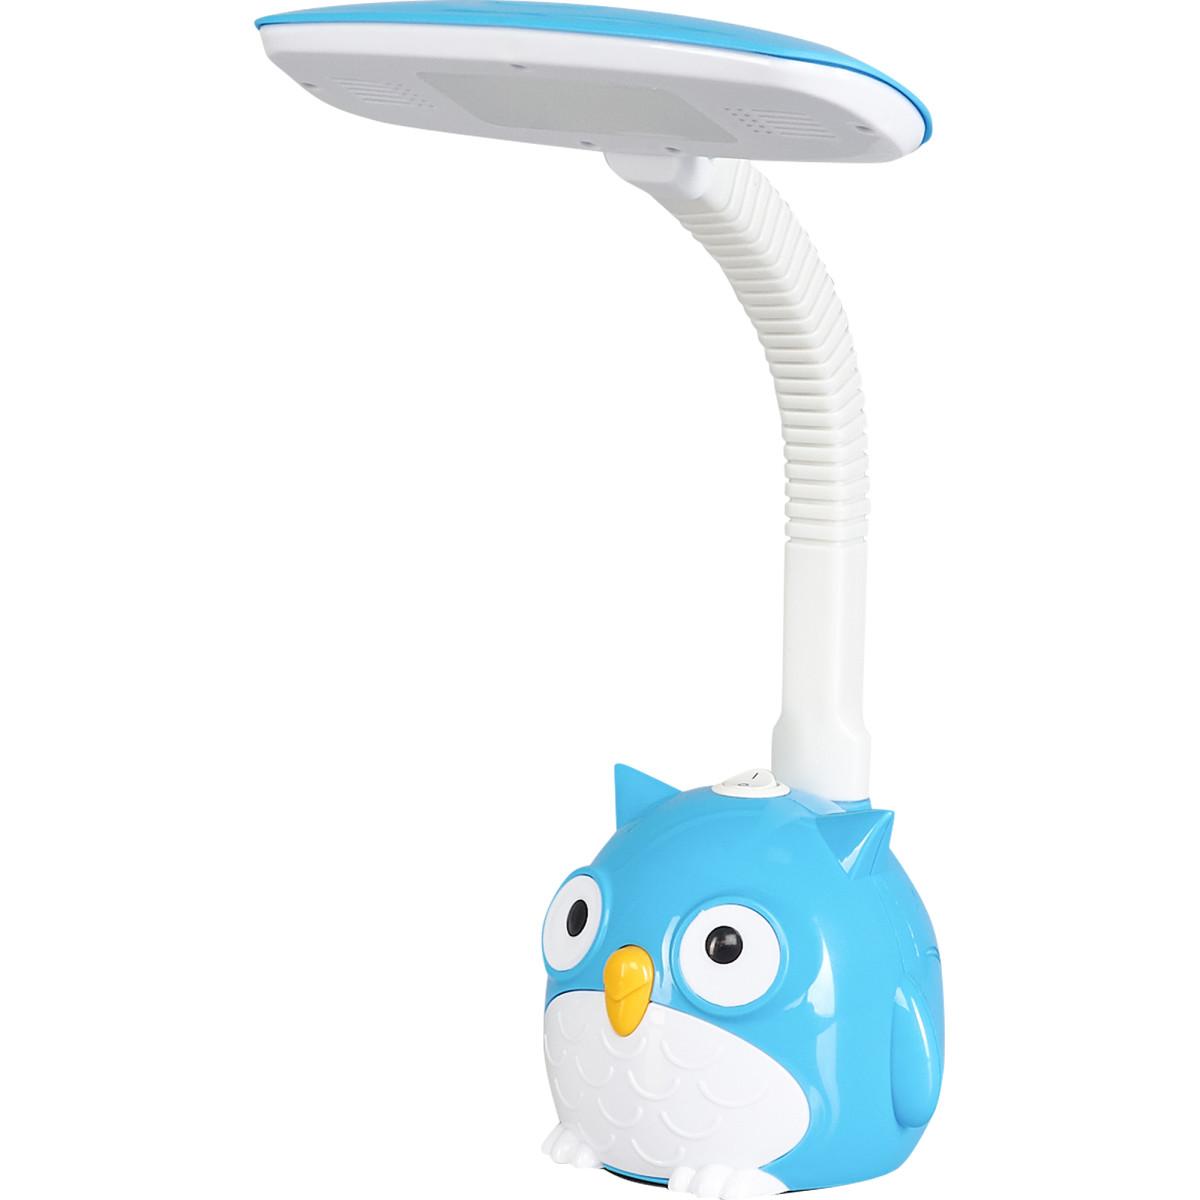 Рабочая лампа настольная светодиодная Сова KD-855 цвет синий